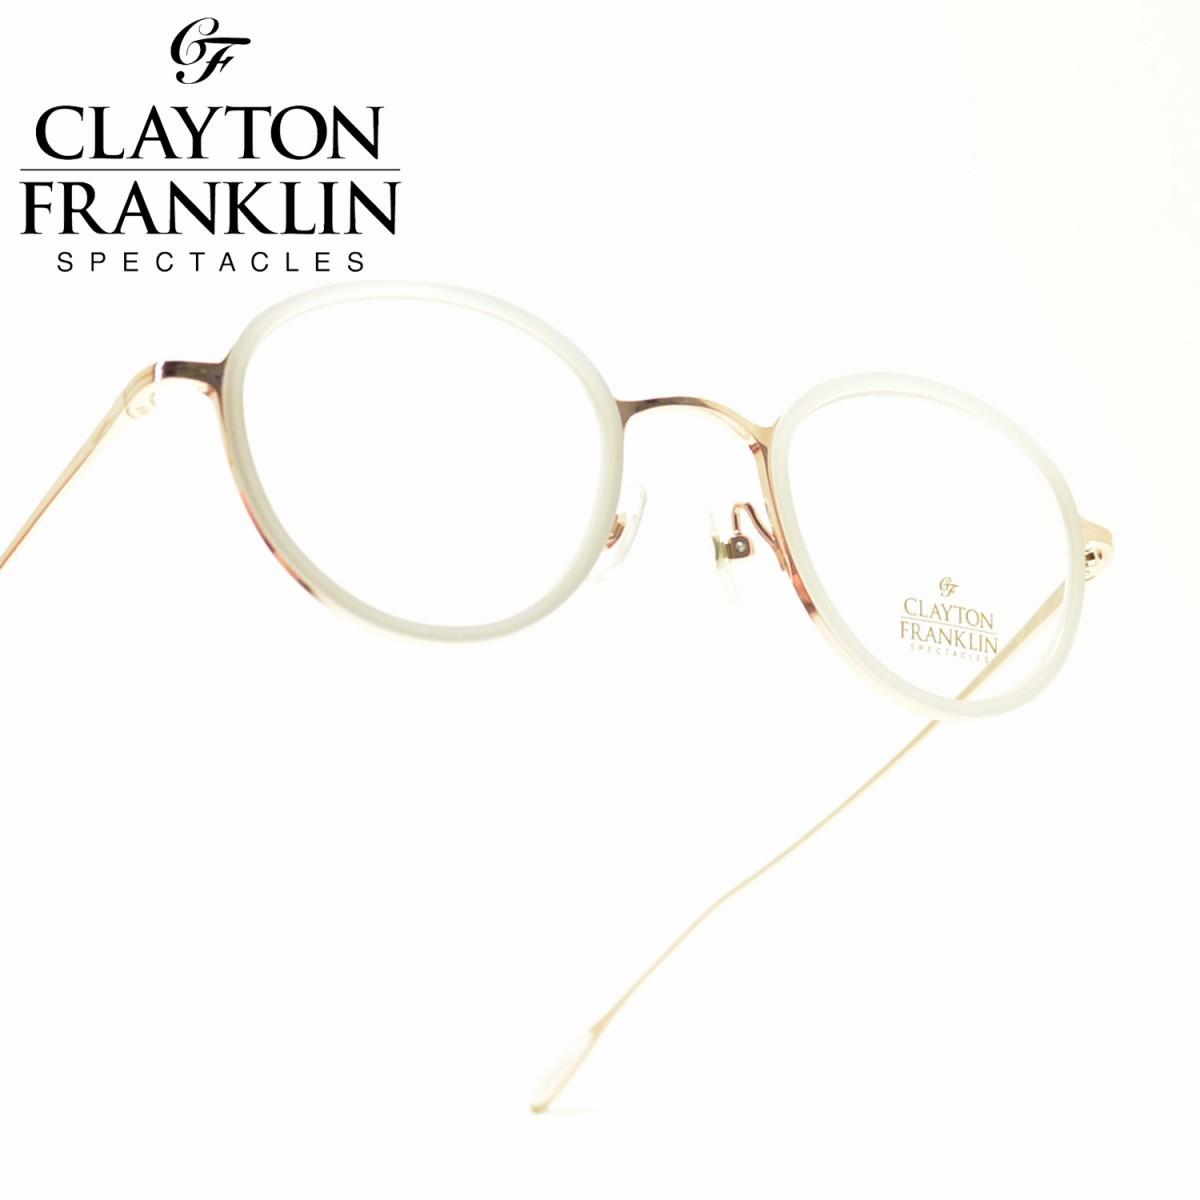 CLAYTON FRANKLIN クレイトンフランクリン627P RG/WTP ローズゴールド/ホワイトパールメガネ 眼鏡 めがね メンズ レディース おしゃれ ブランド 人気 おすすめ フレーム 流行り 度付き レンズ